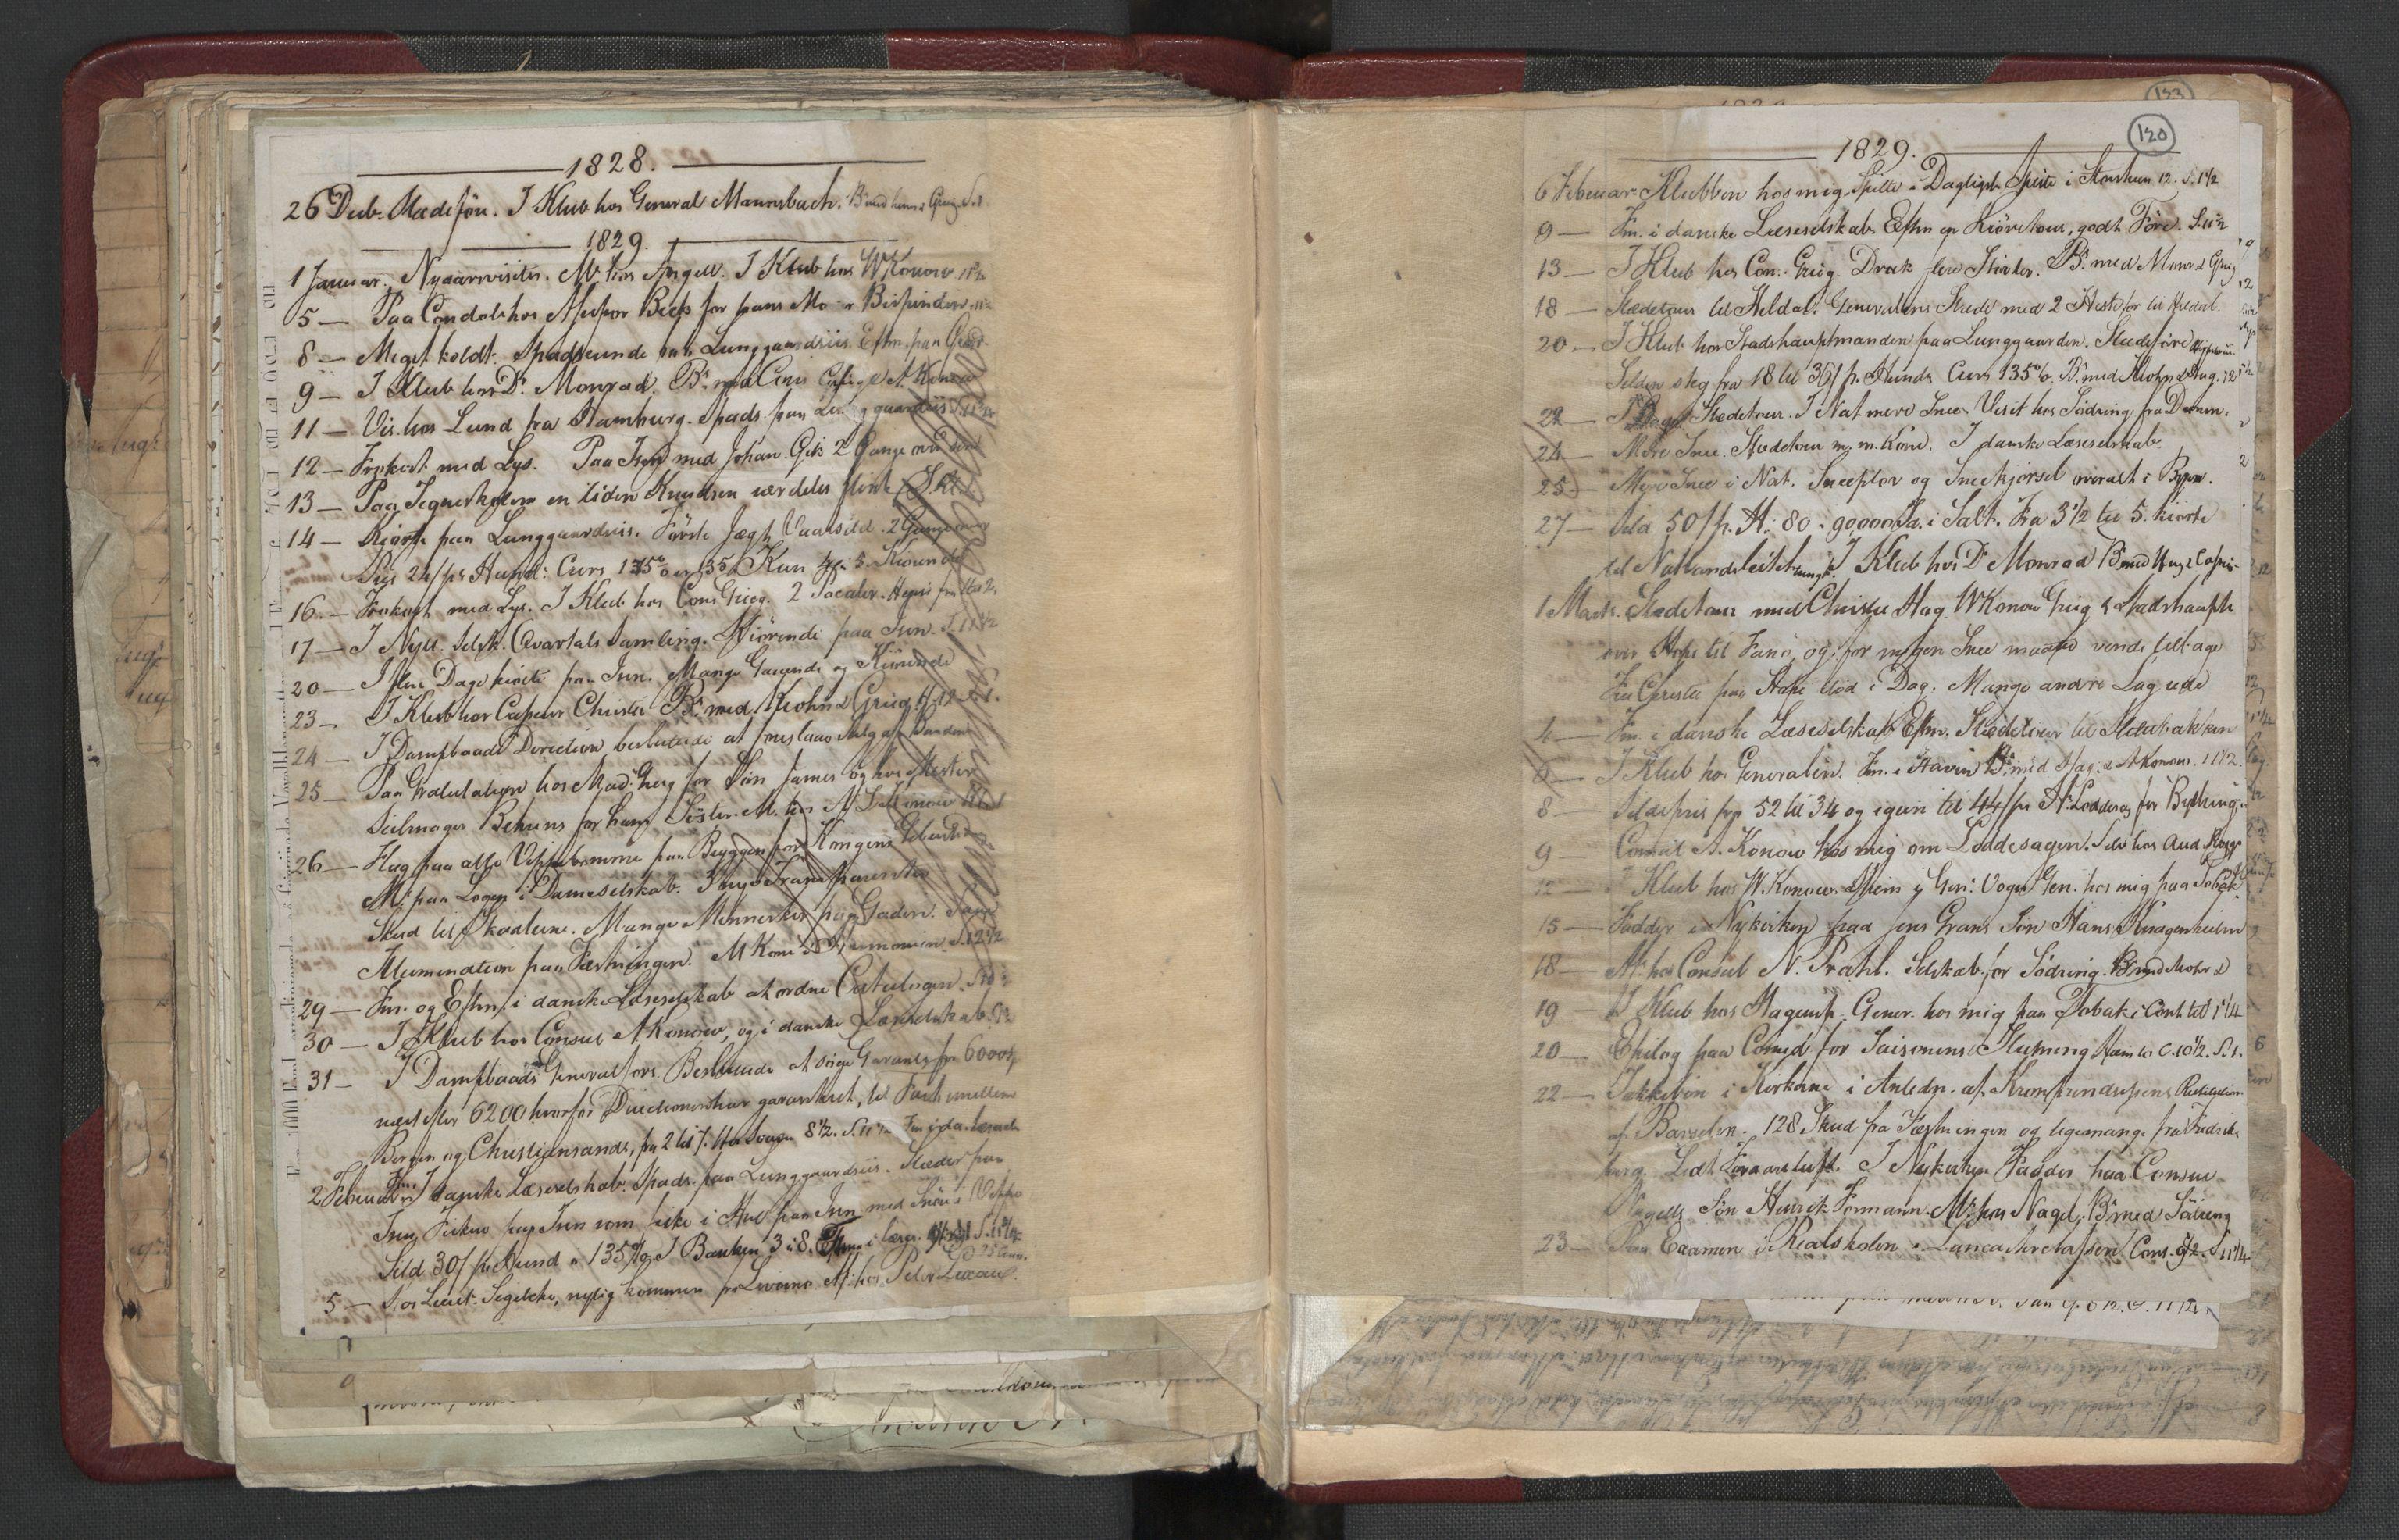 RA, Meltzer, Fredrik, F/L0004: Dagbok, 1822-1830, s. 119b-120a